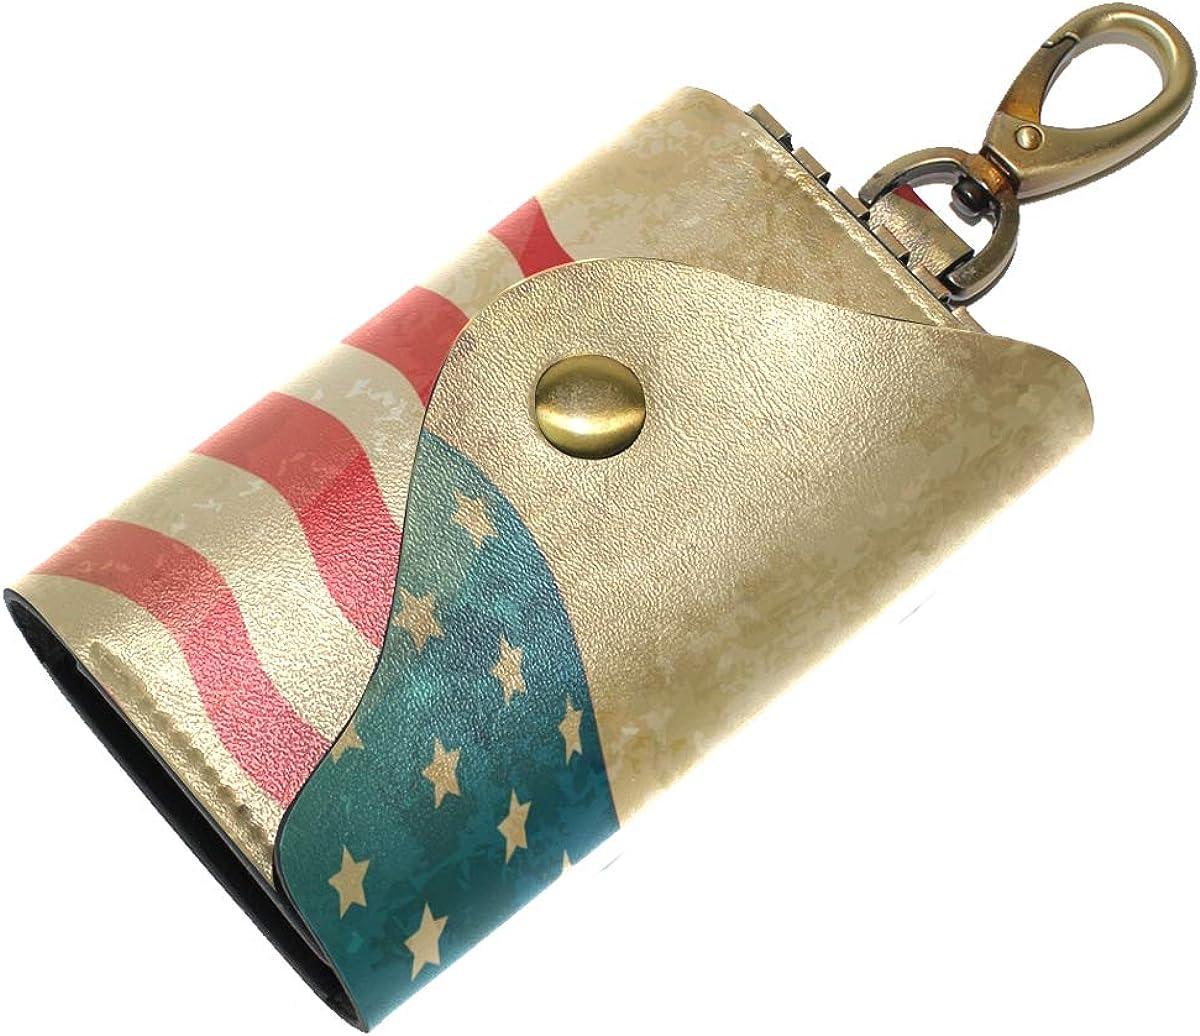 KEAKIA Vintage American Flag